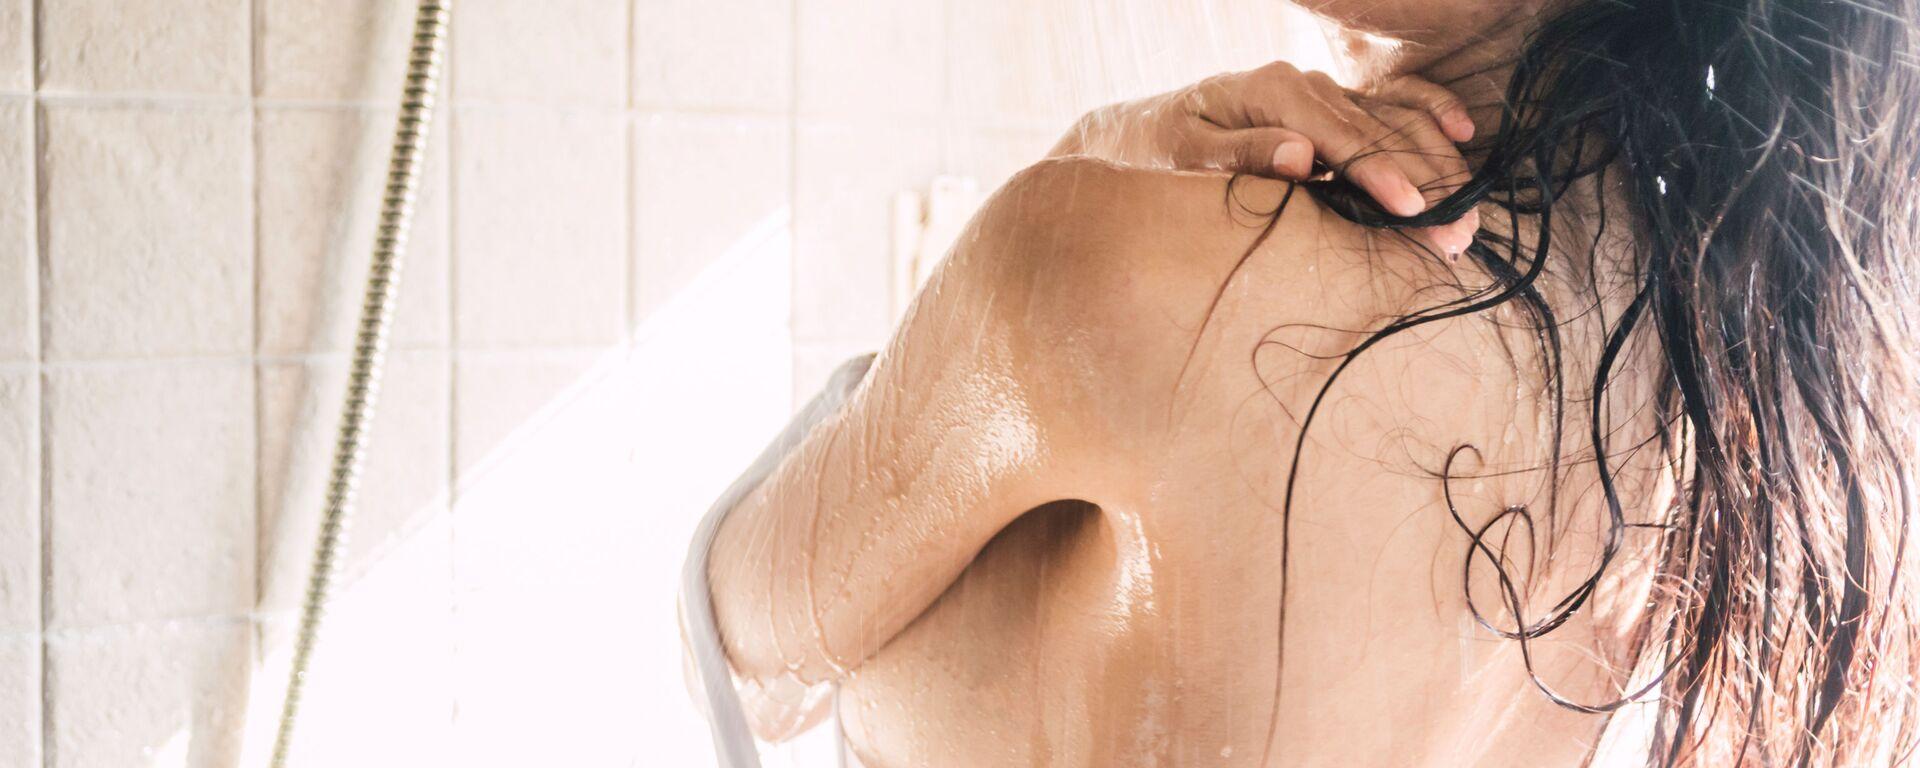 Kobieta pod prysznicem - Sputnik Polska, 1920, 22.09.2021